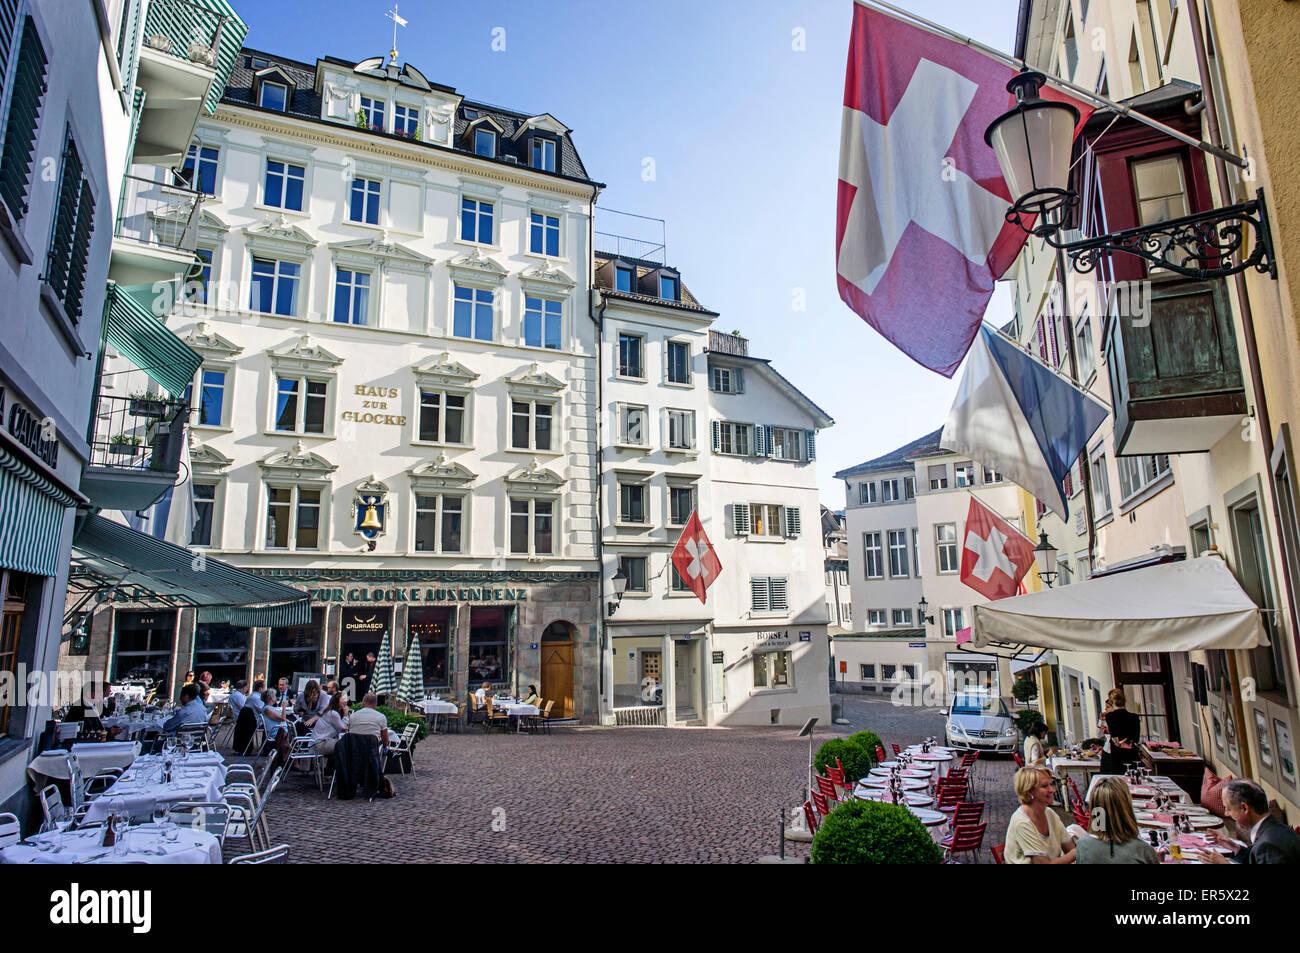 Haus zur Glocke, Steak House in the old town, Zurich, Switzerland - Stock Image